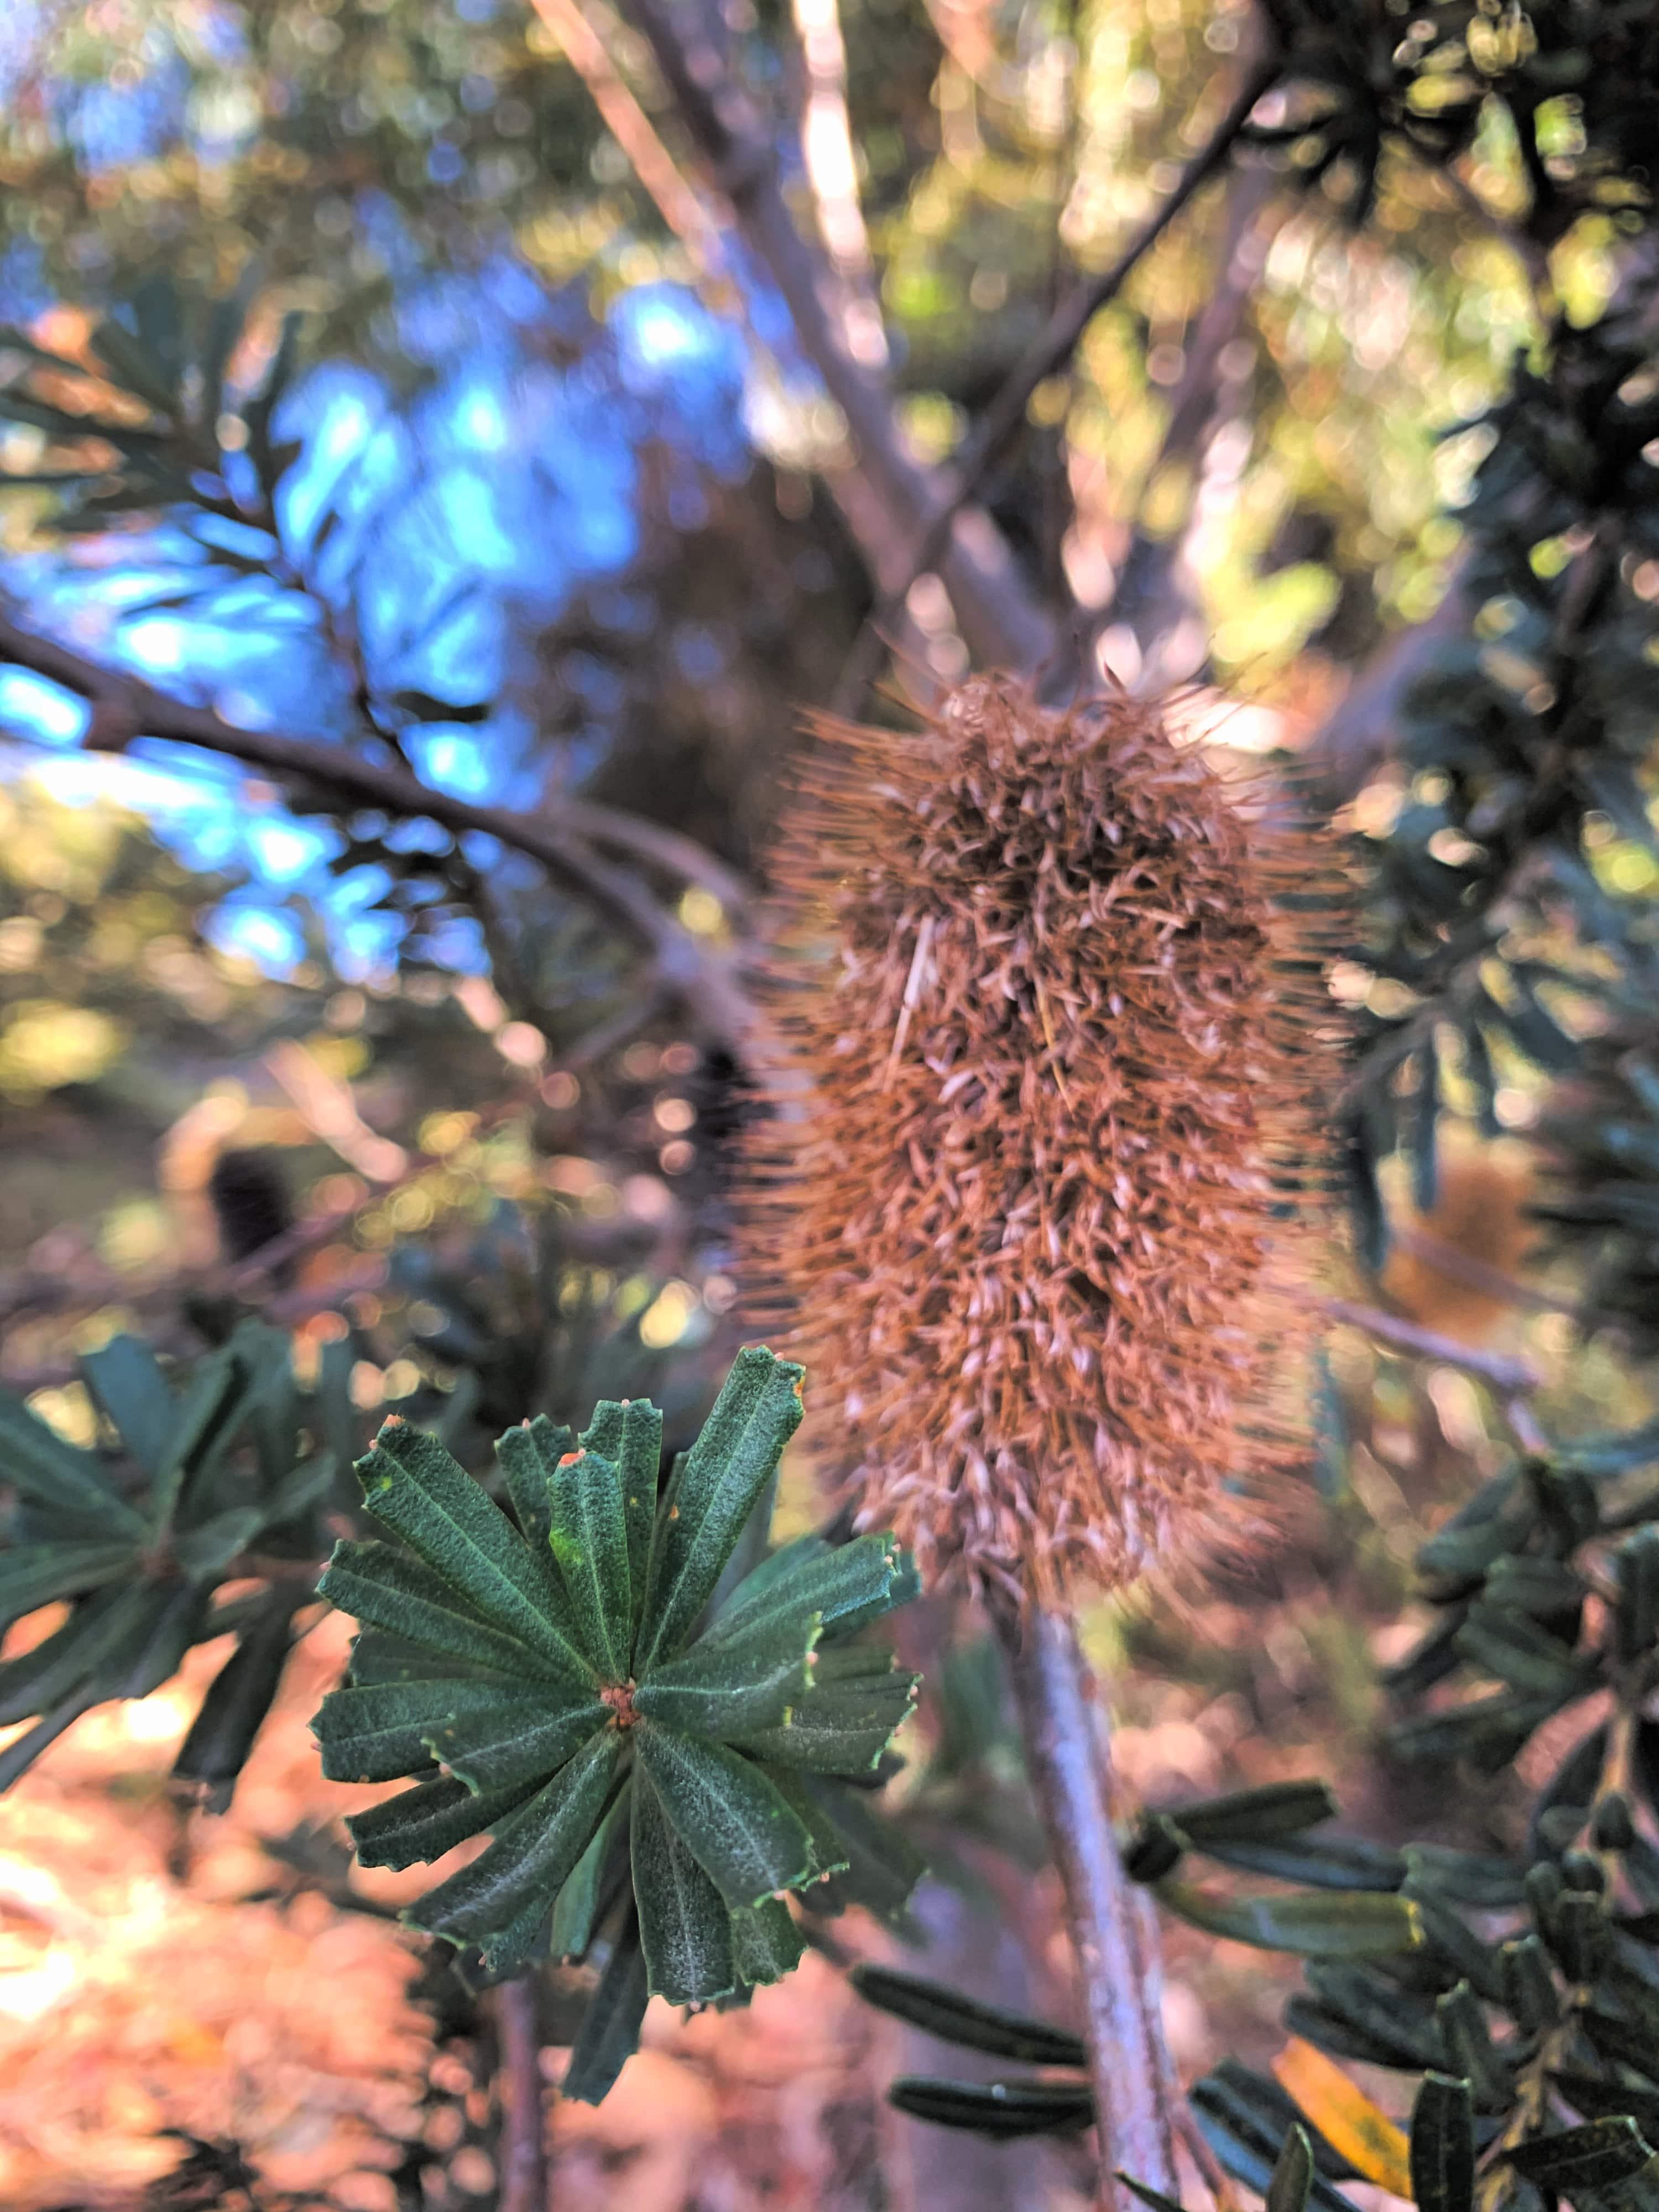 closeup photo of a bottlebrush and a fern